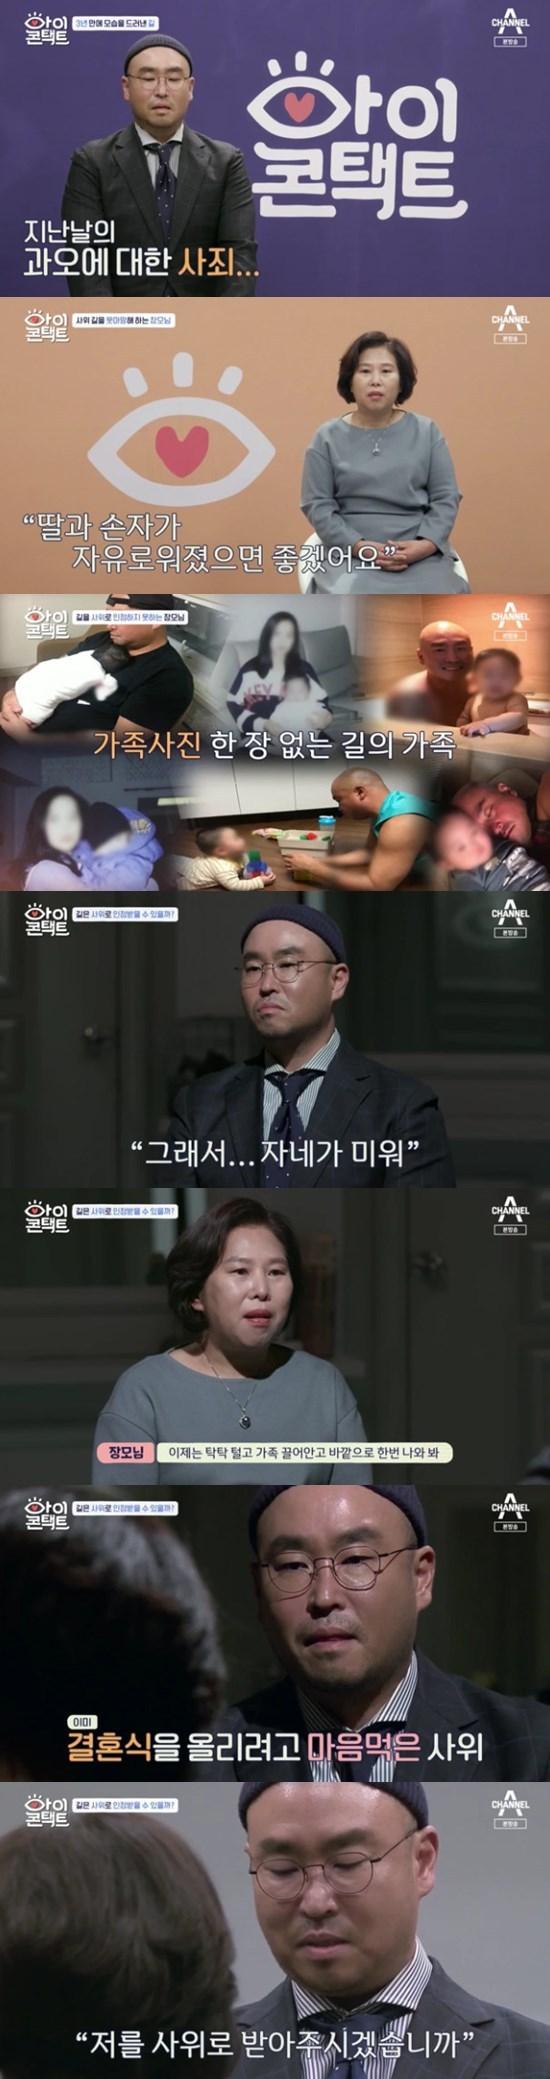 '아이콘택트' 길, 장모님에게 사죄…결혼식 마음 먹었다(종합)